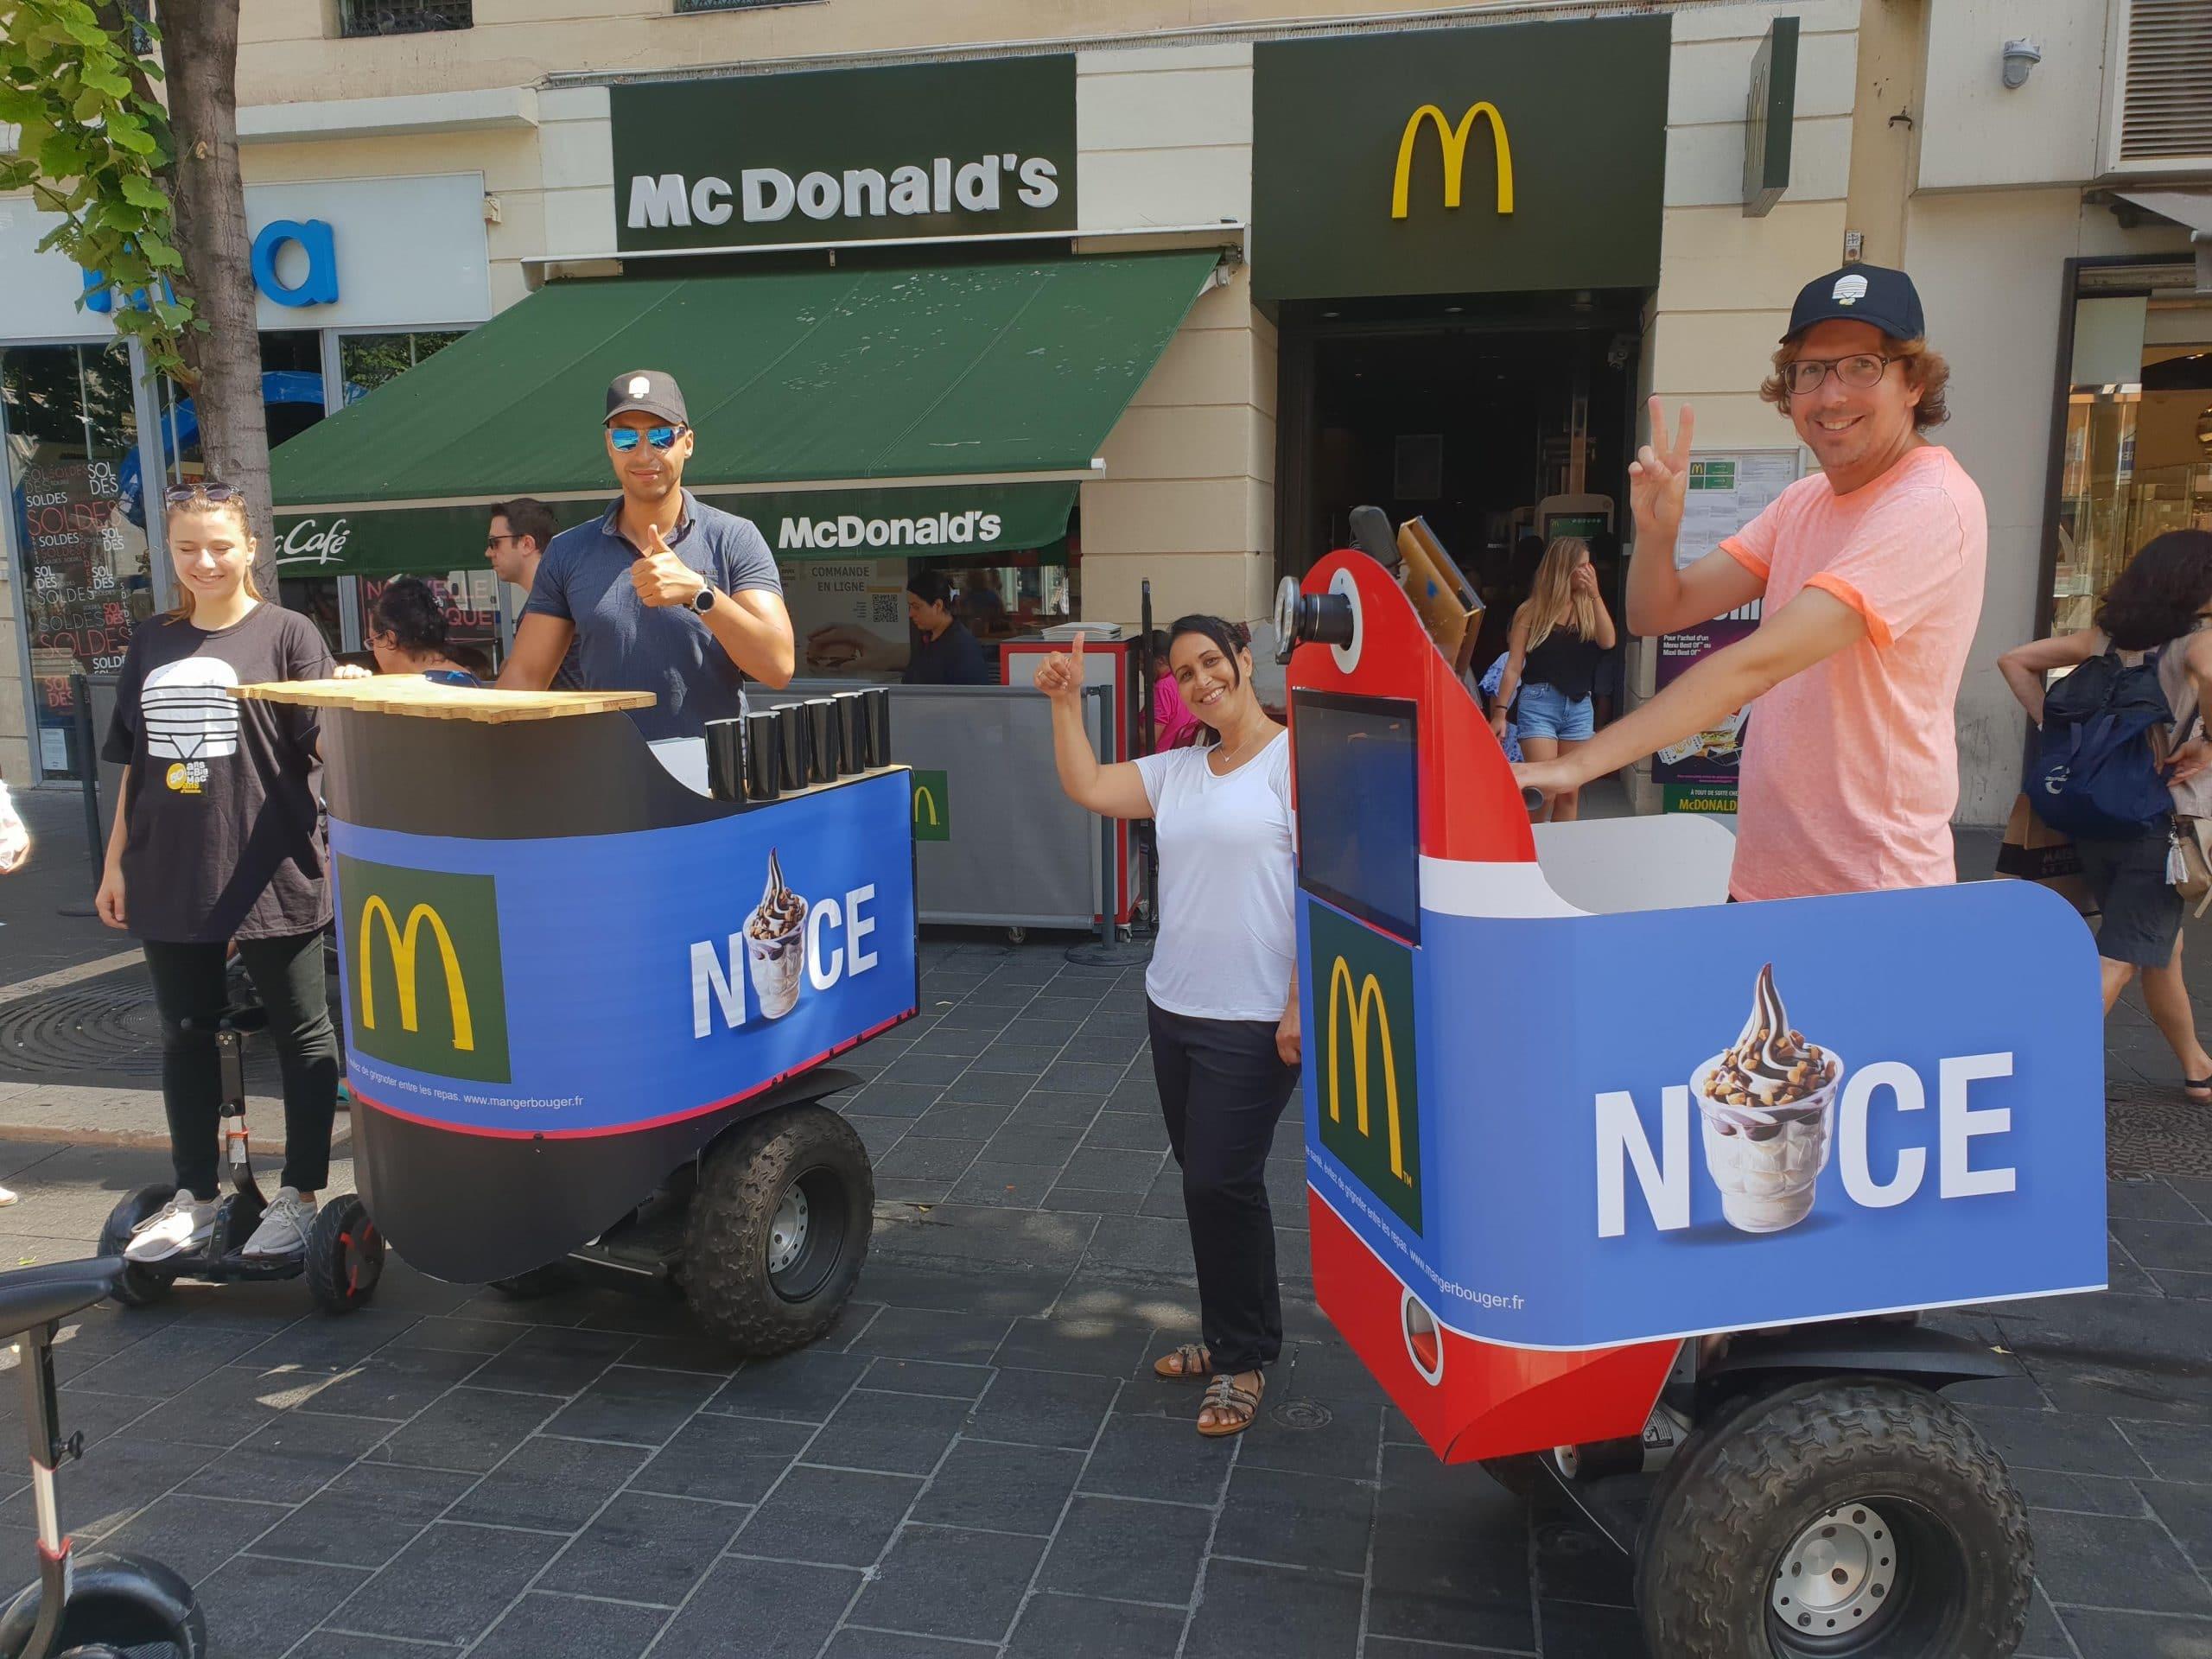 Deux streetbooth à Nice à l'effigie de la célèbre chaîne McDonald's